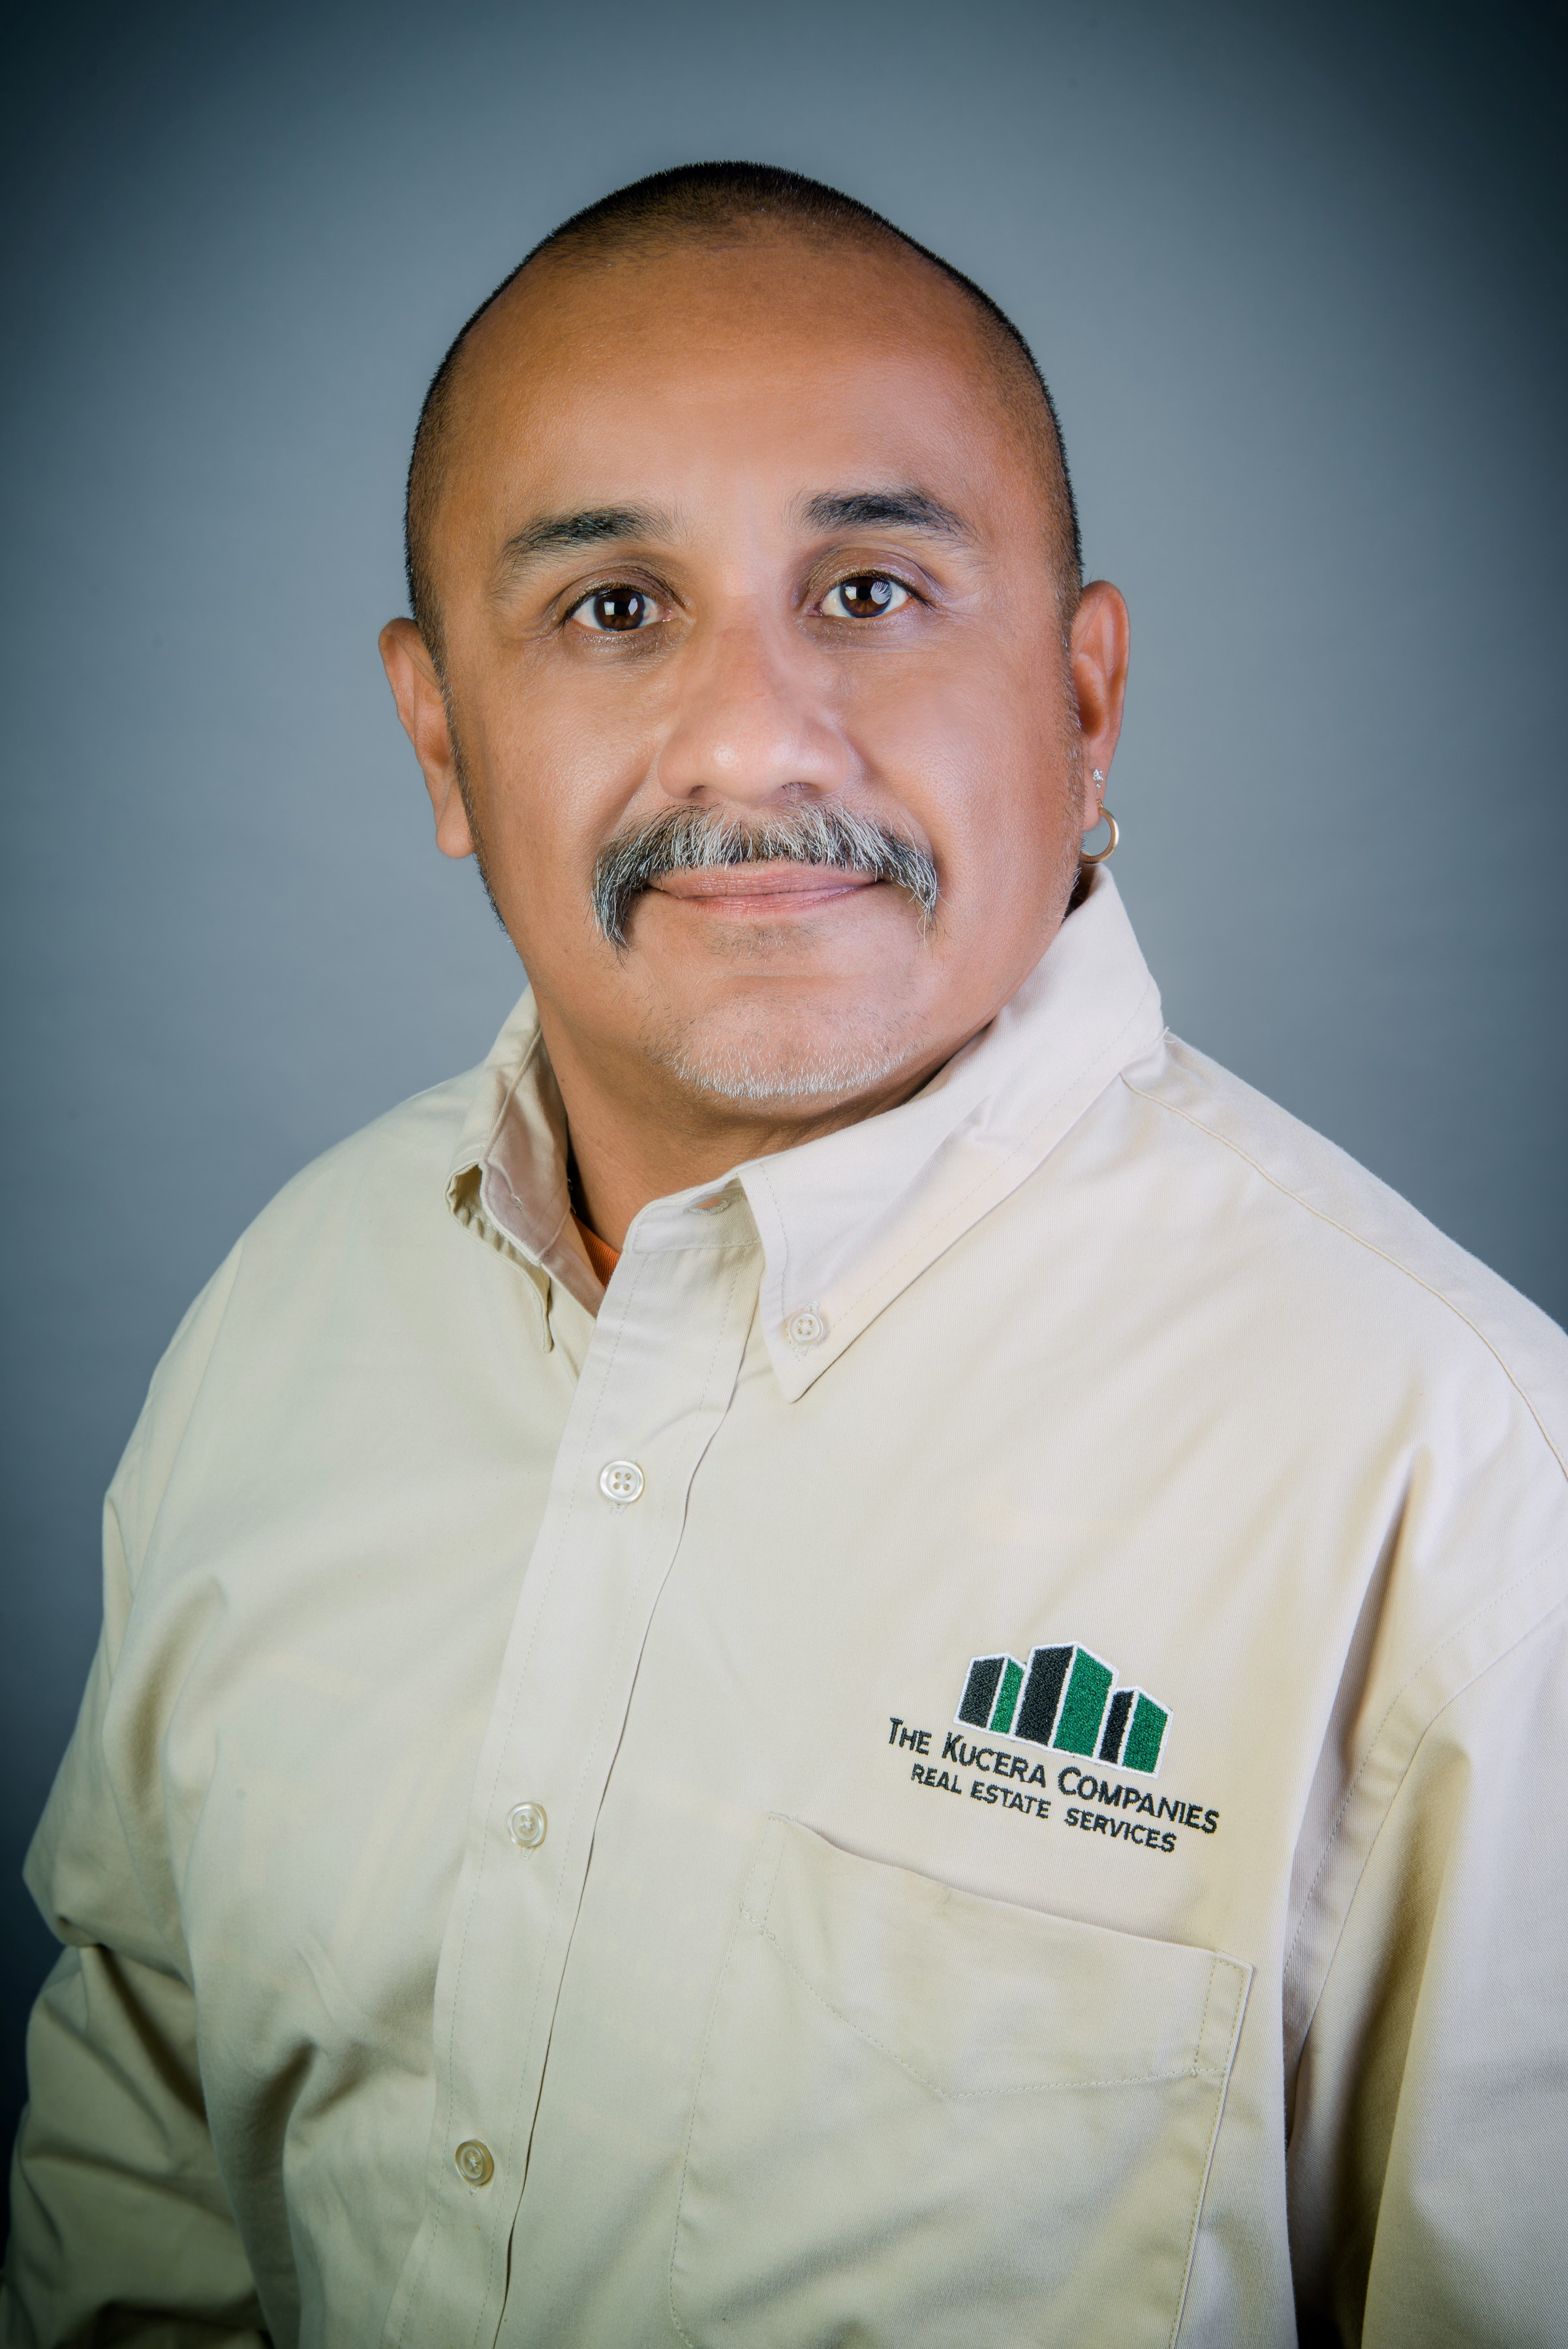 Dennis Reyes